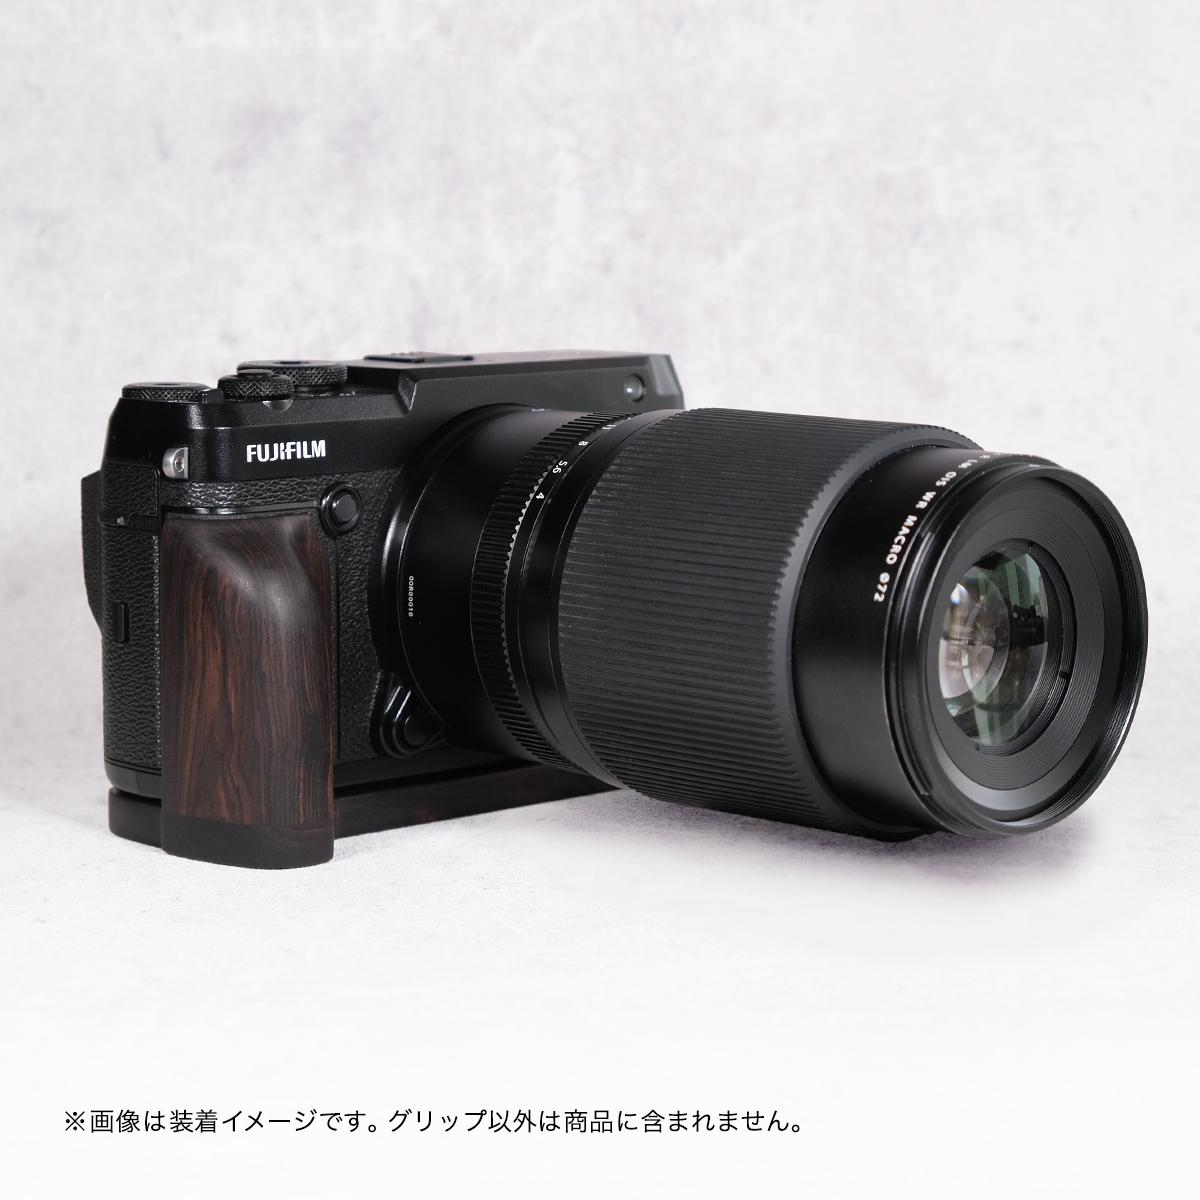 SHOTEN カメラウッドグリップ 50R-GP|FUJIFILM GFX 50R 用